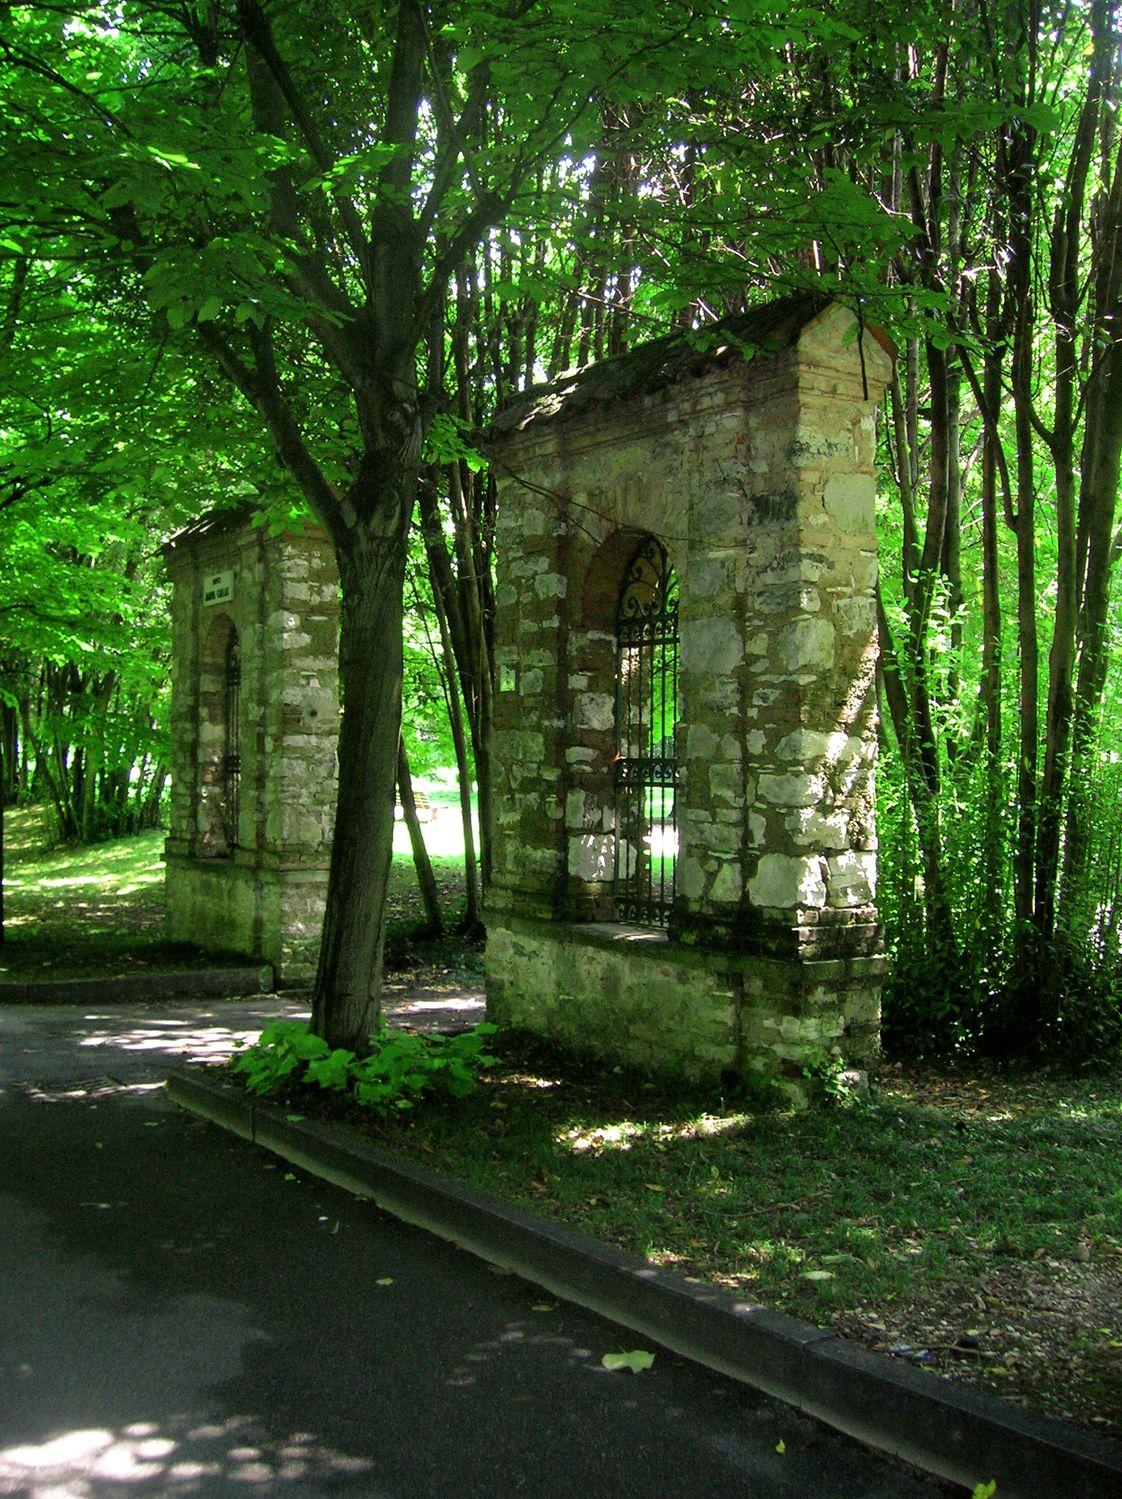 Bild mit Natur, Bäume, Wälder, Gebäudeteile, Wald, alte Mauerwand, alte Ziegelwand